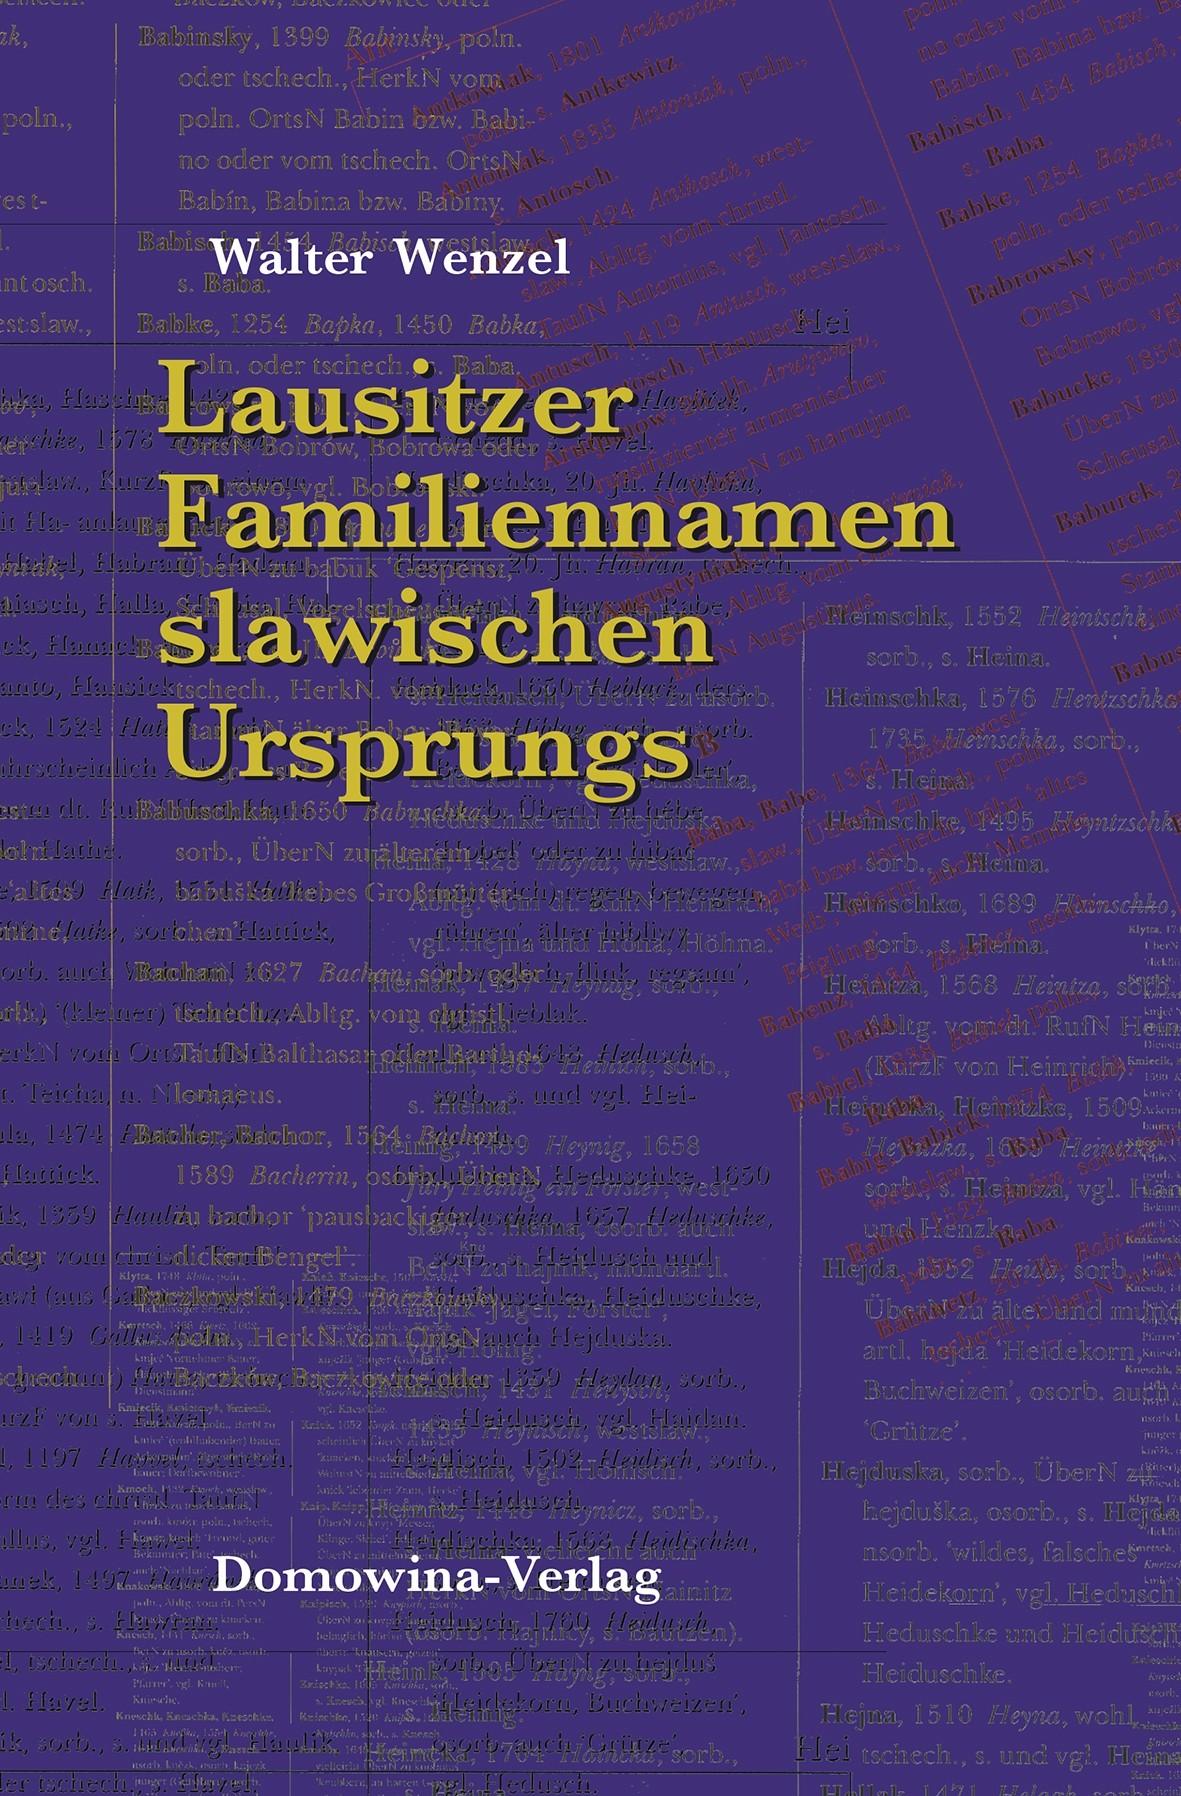 Lausitzer Familiennamen slawischen Ursprungs